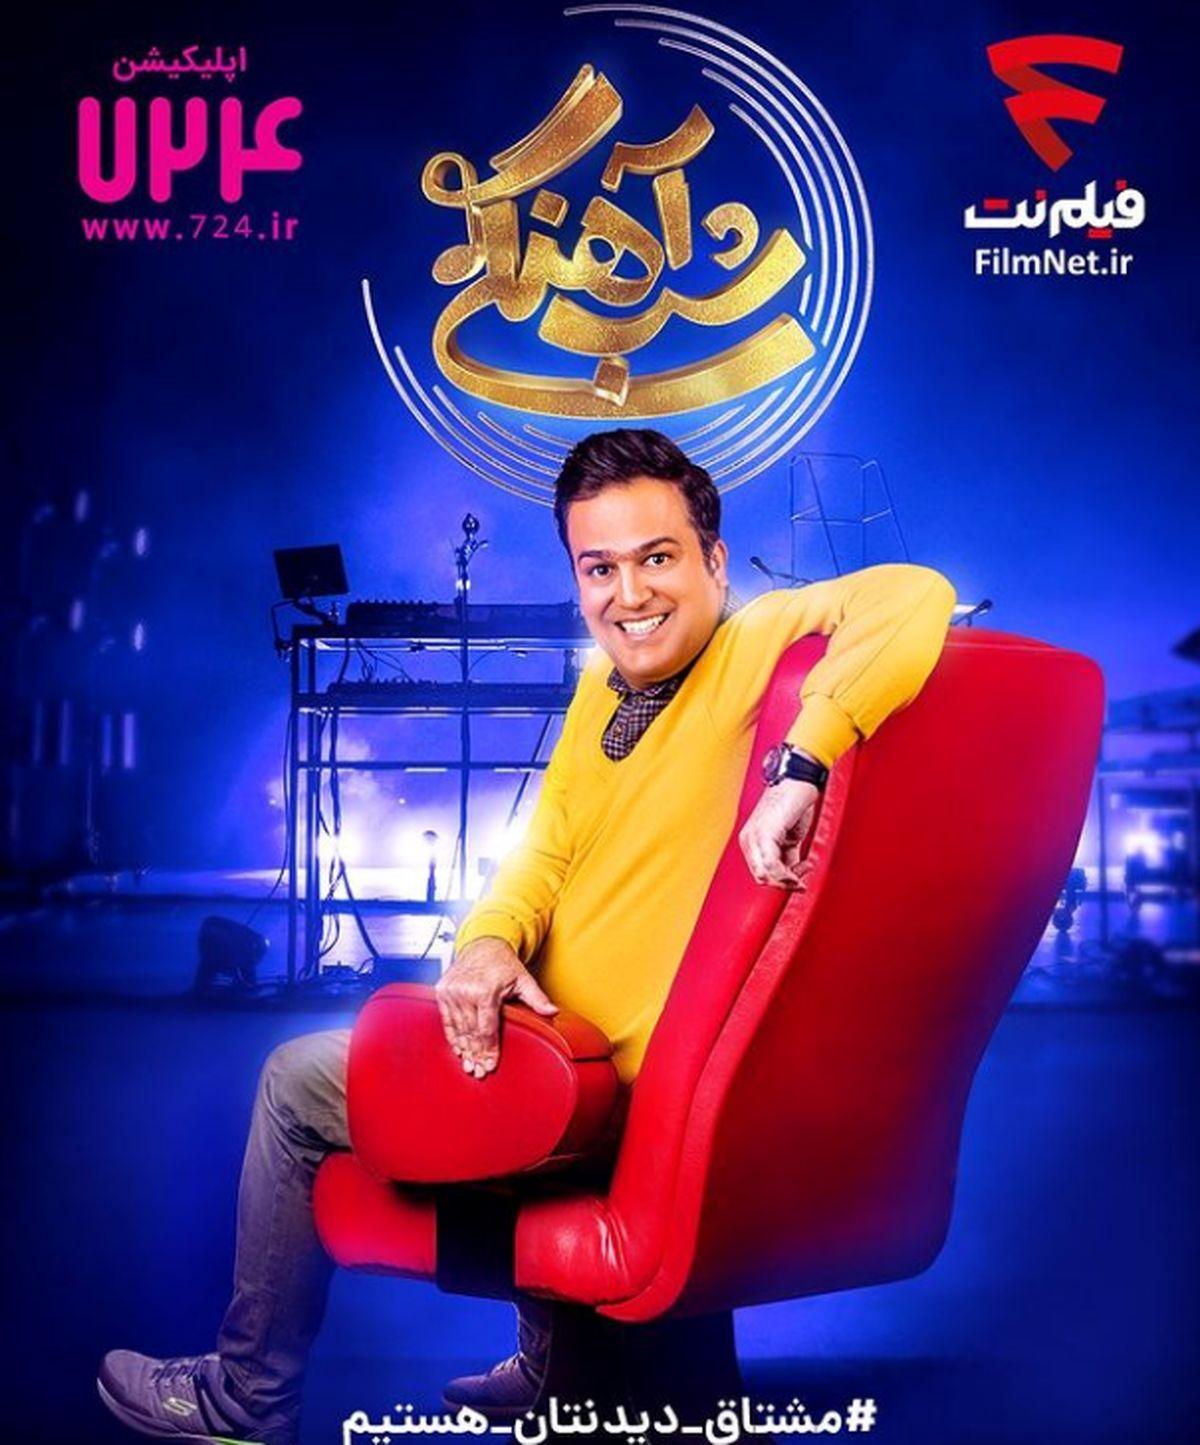 رودستی جالب و خندهدار علی صادقی در برنامه حامد آهنگی+ ویدئو